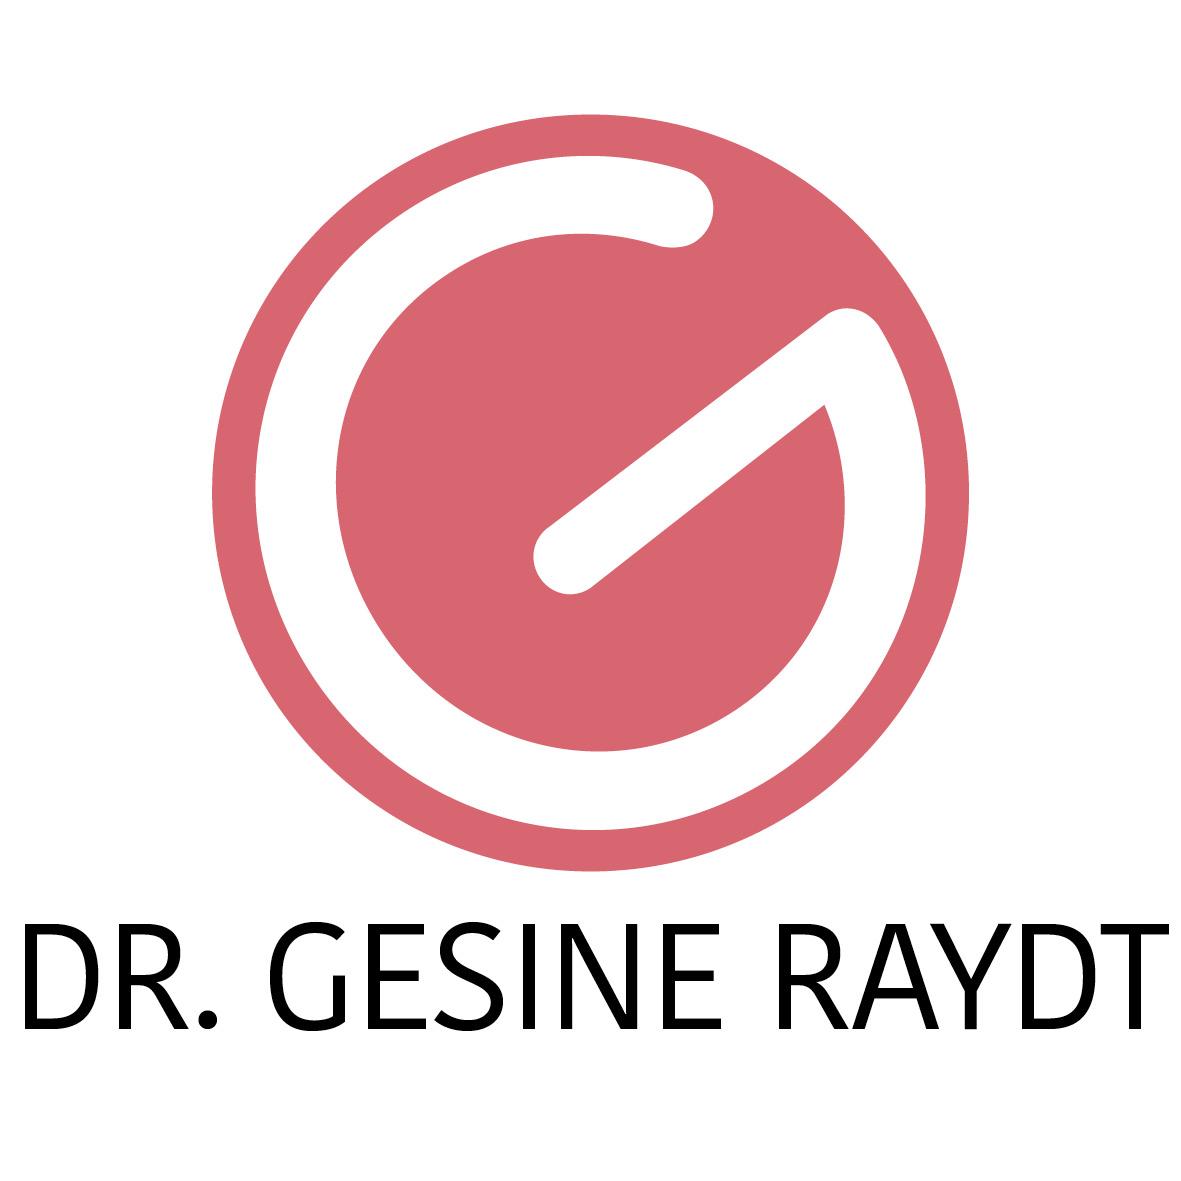 Dr. Gesine Raydt